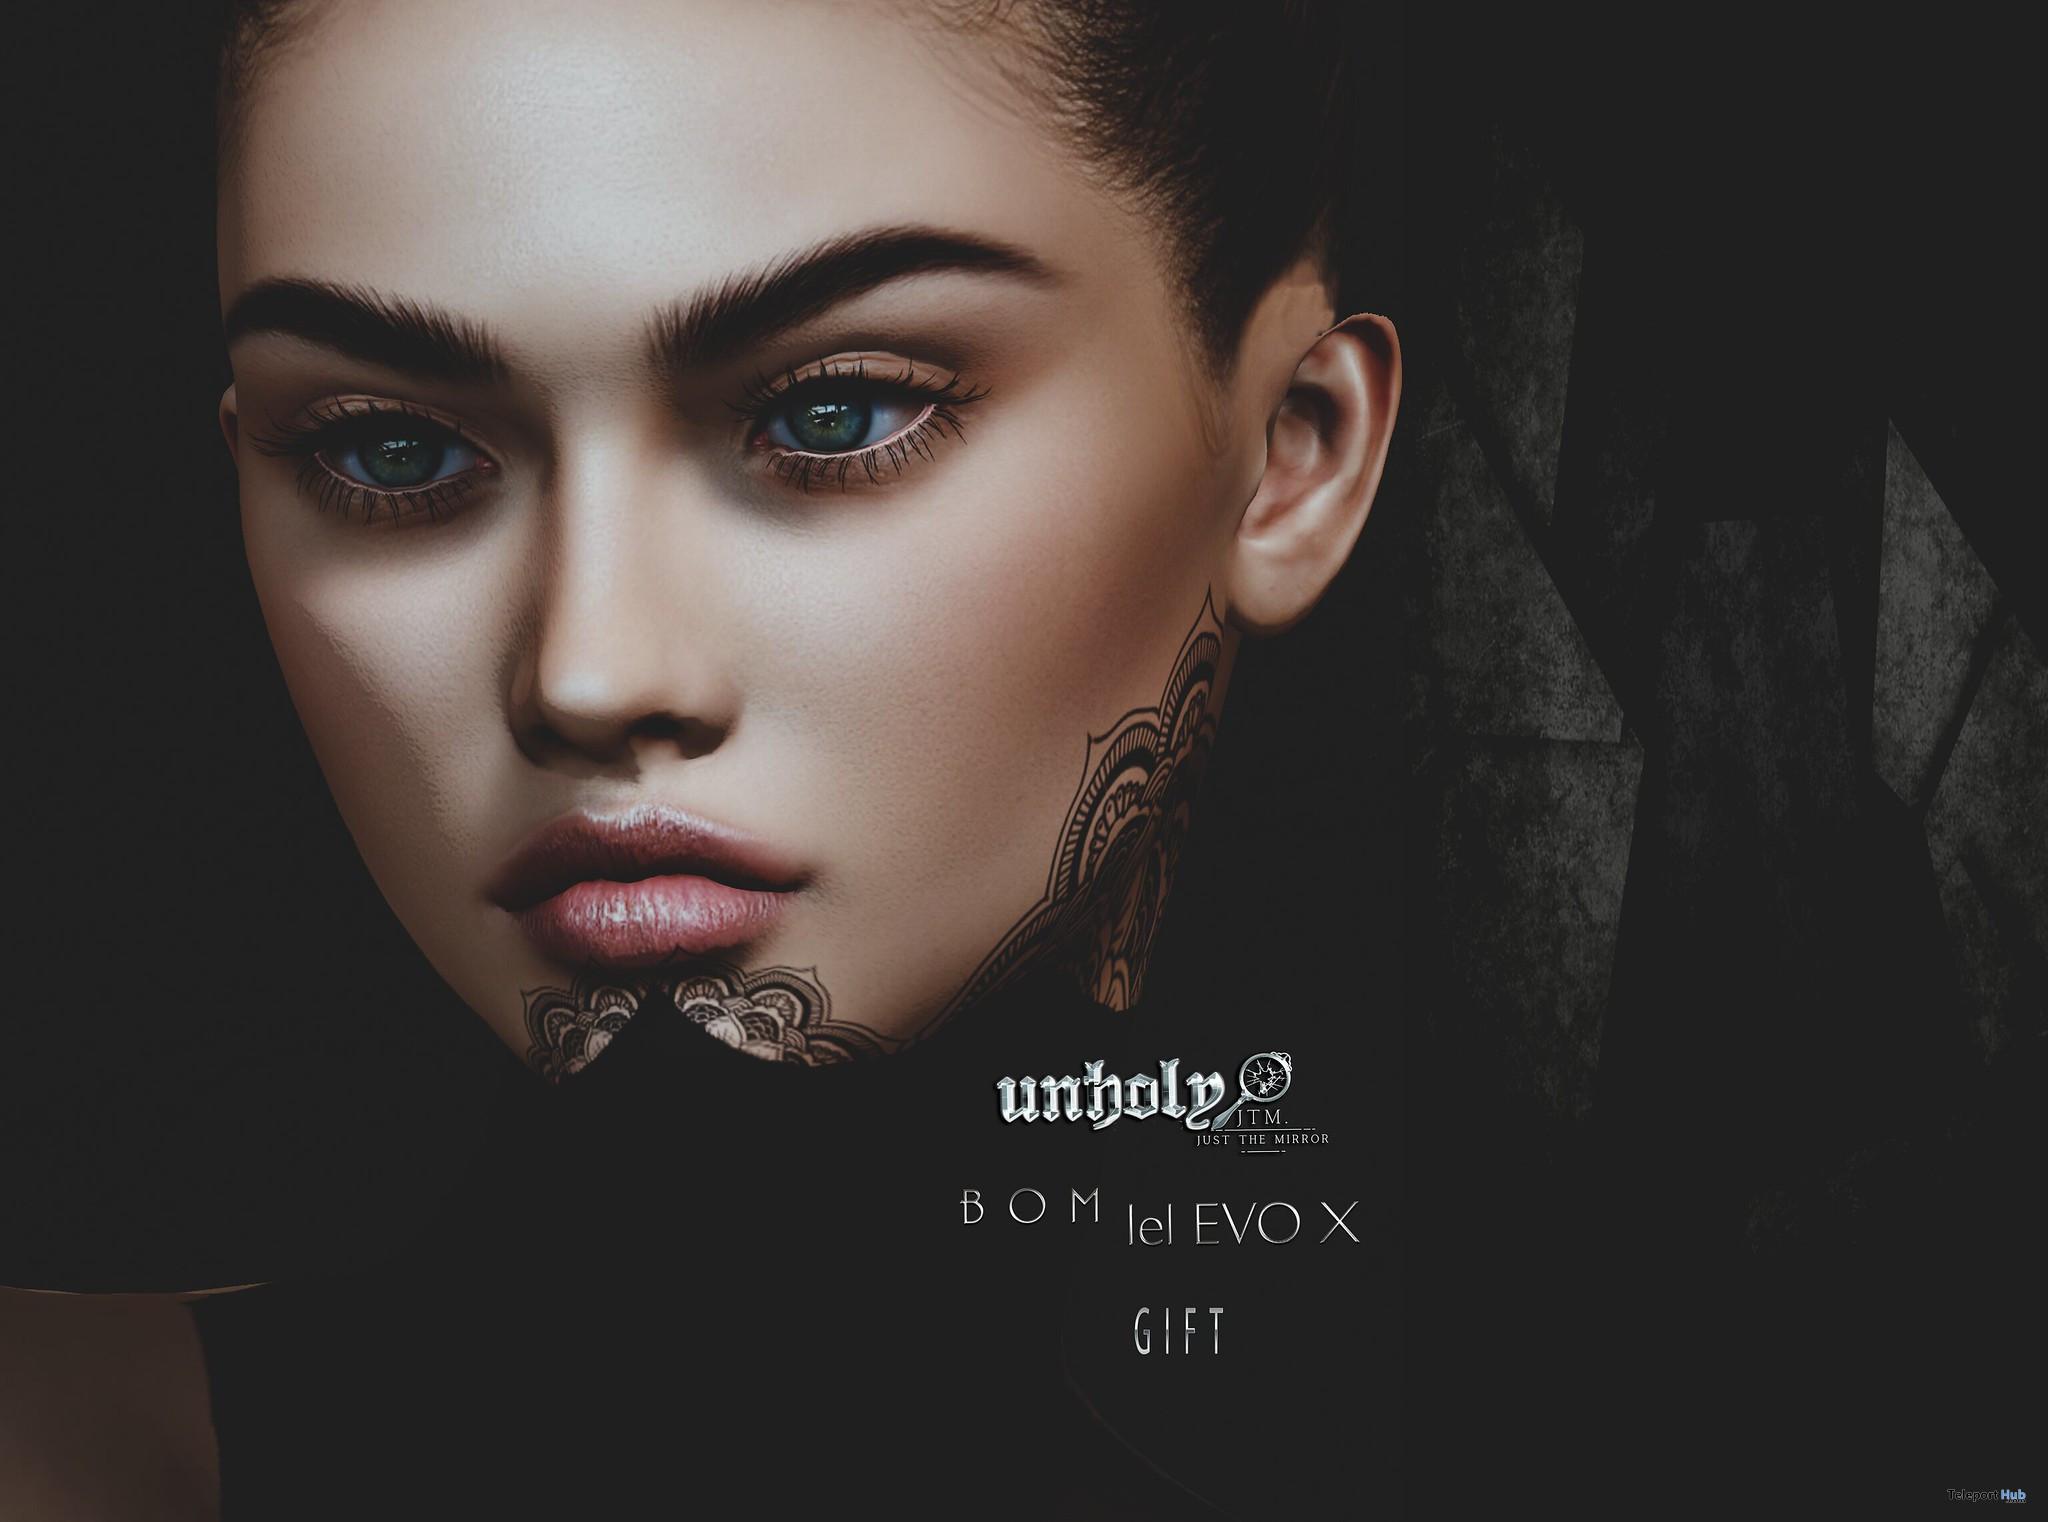 Rose Lelutka EvoX BOM Face Tattoo September 2021 Group Gift by Unholy&JTM - Teleport Hub - teleporthub.com